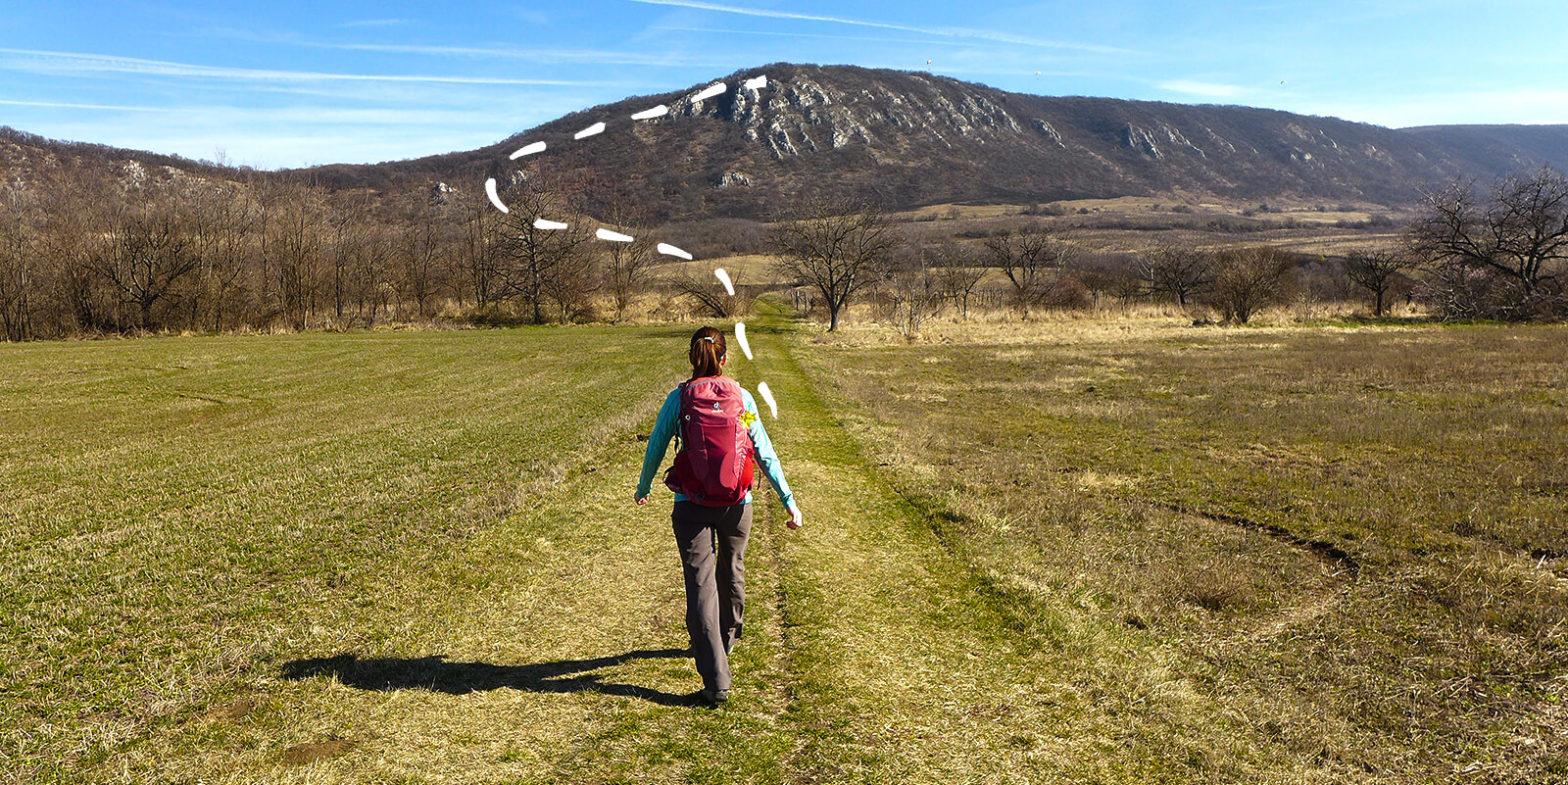 Hátizsákos turista gyalogol egy sziklás hegy felé